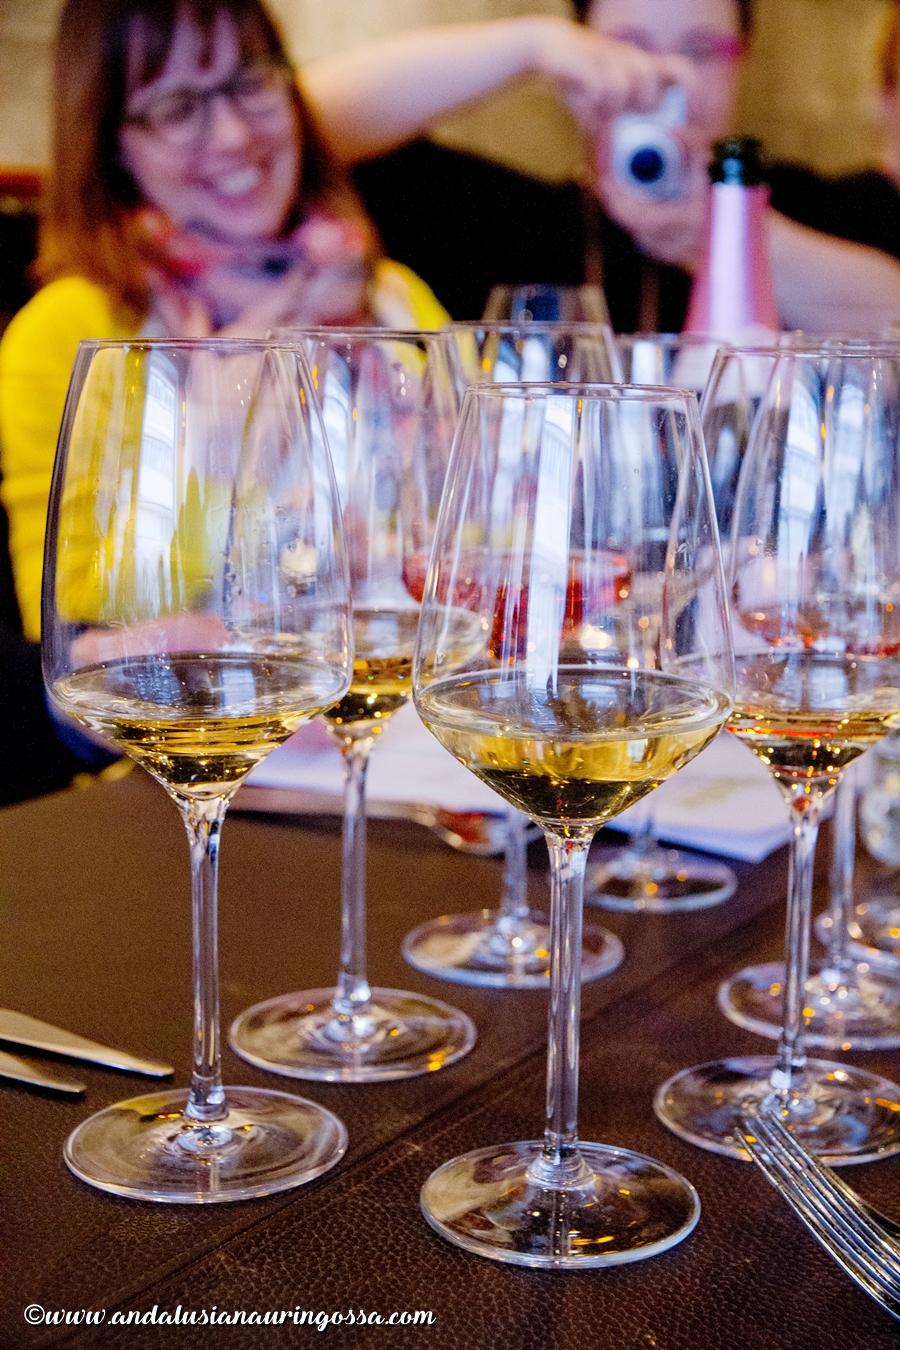 Taste of Helsinki 2017_ravintolasafari_Andalusian auringossa_ruokablogi